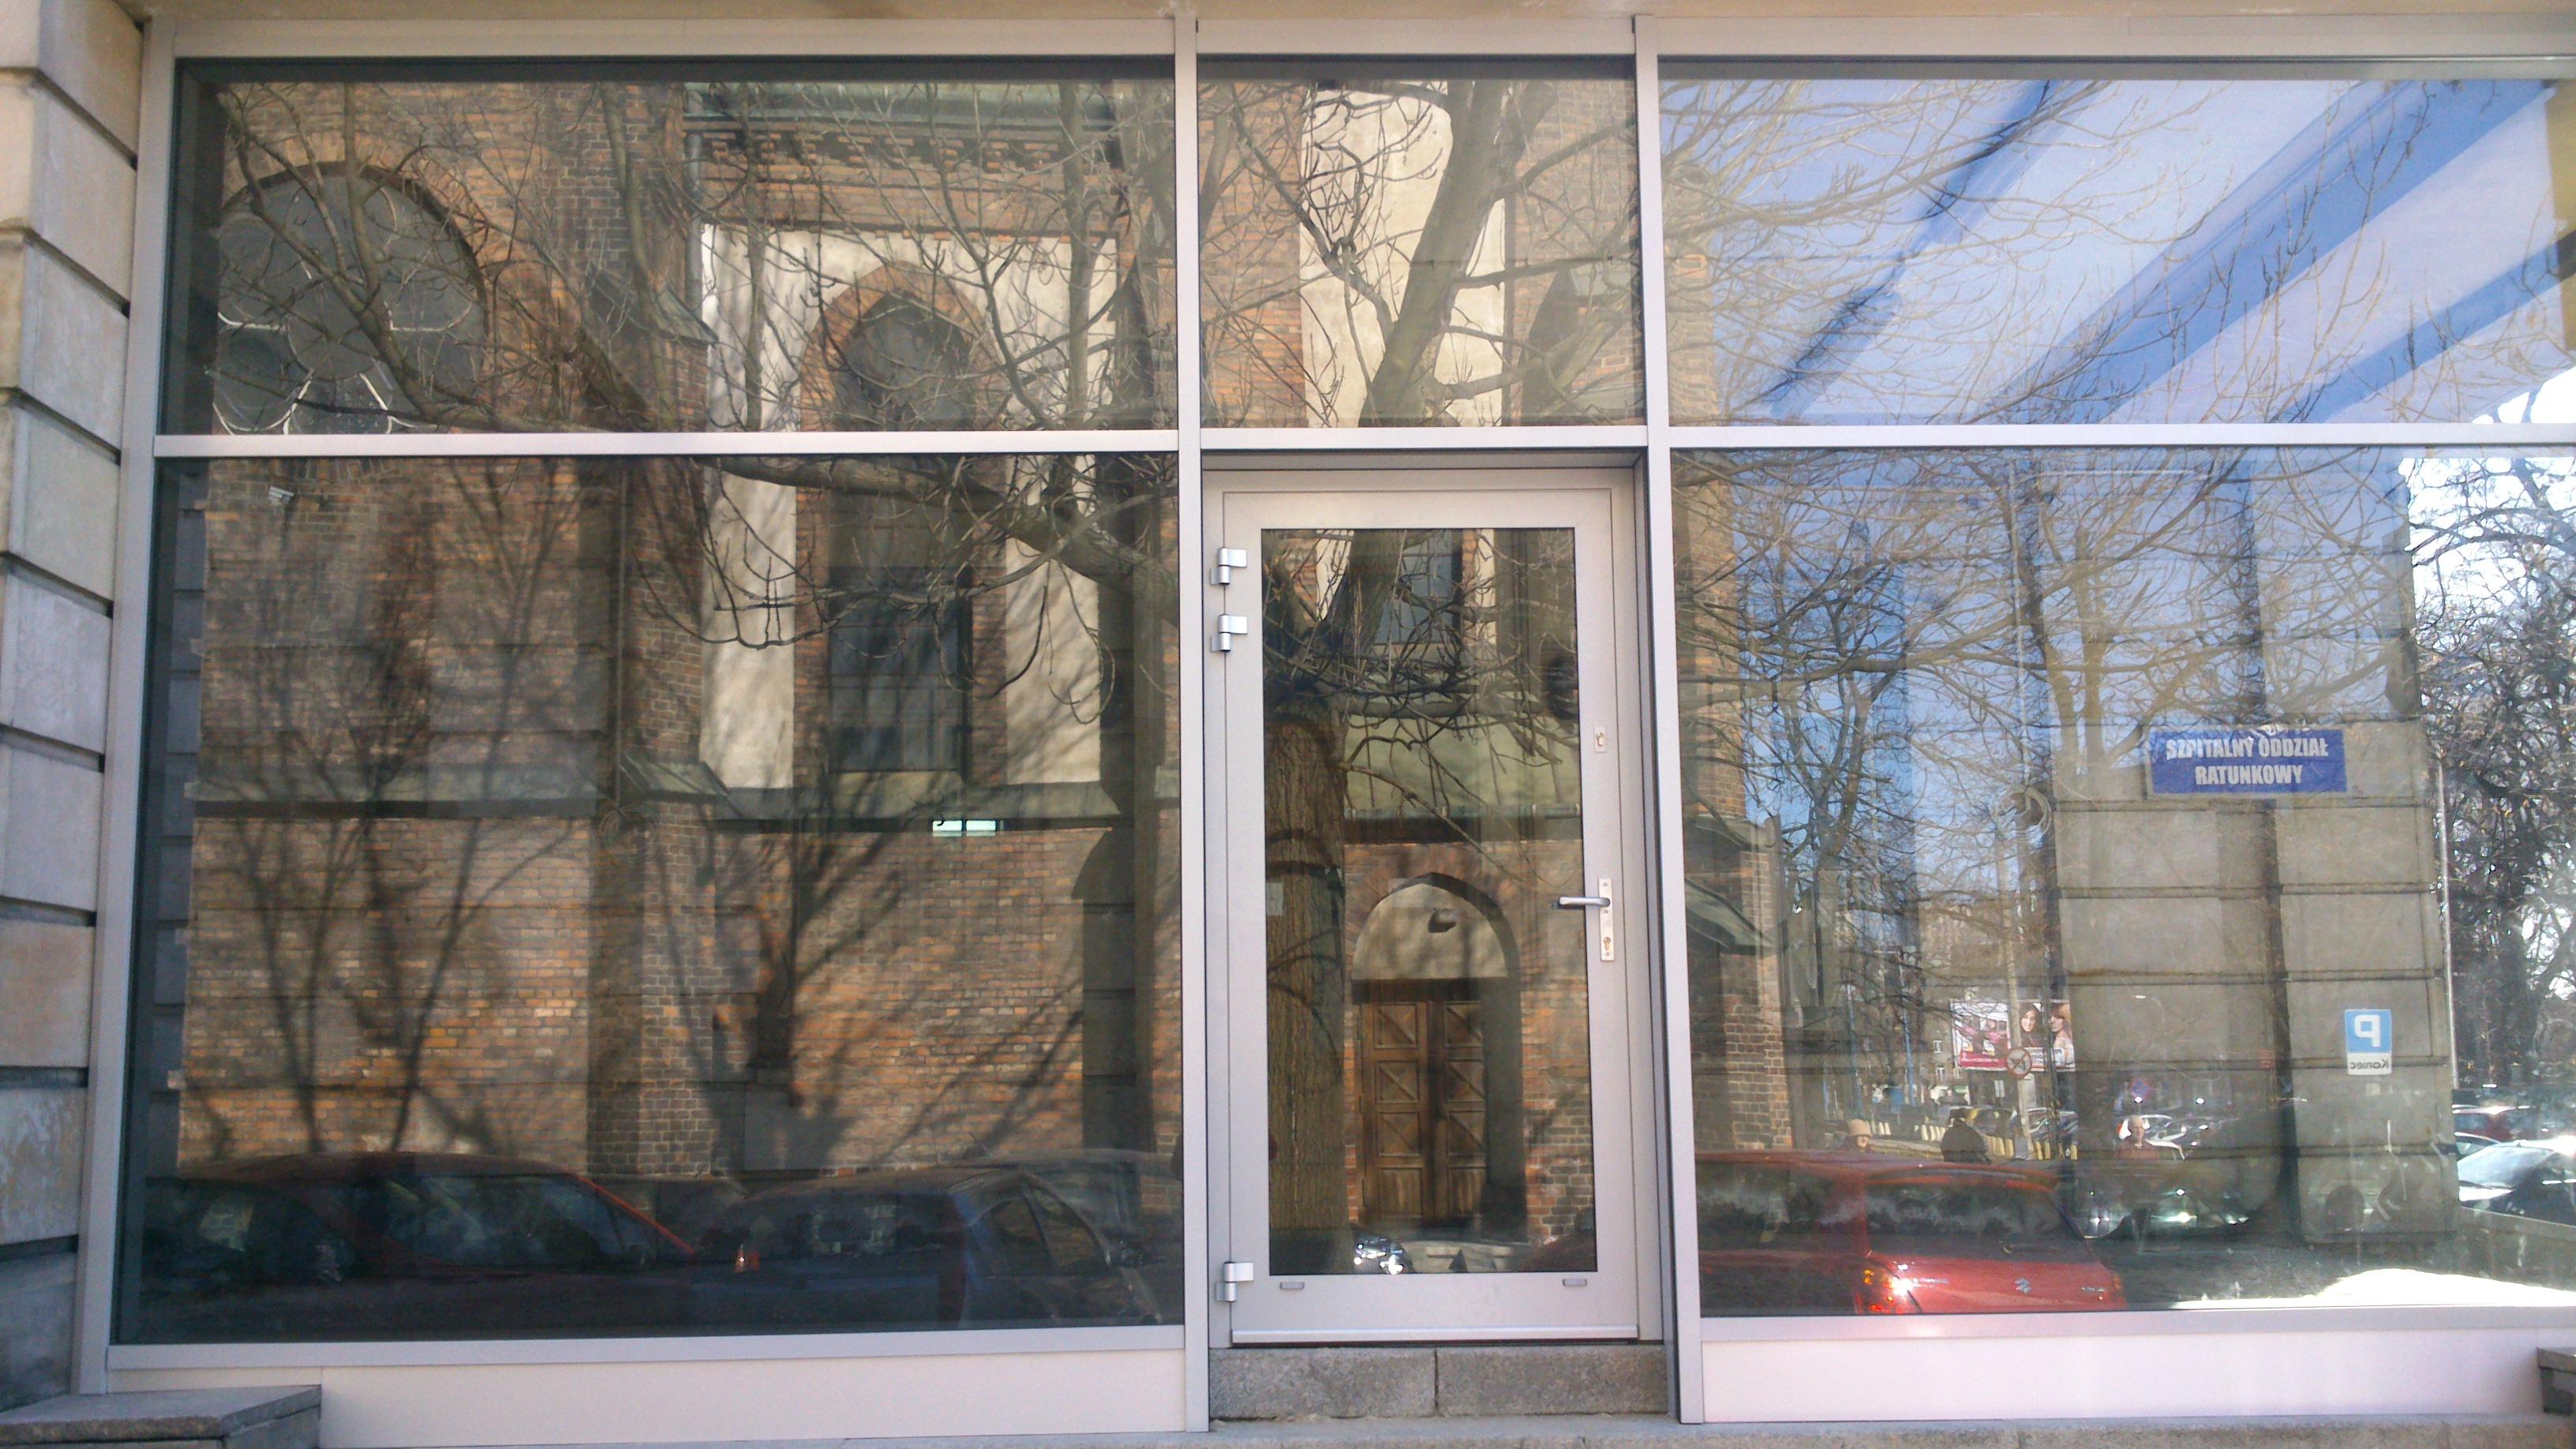 Wejście główne Szpitala na ul. Lindleya w Warszawie